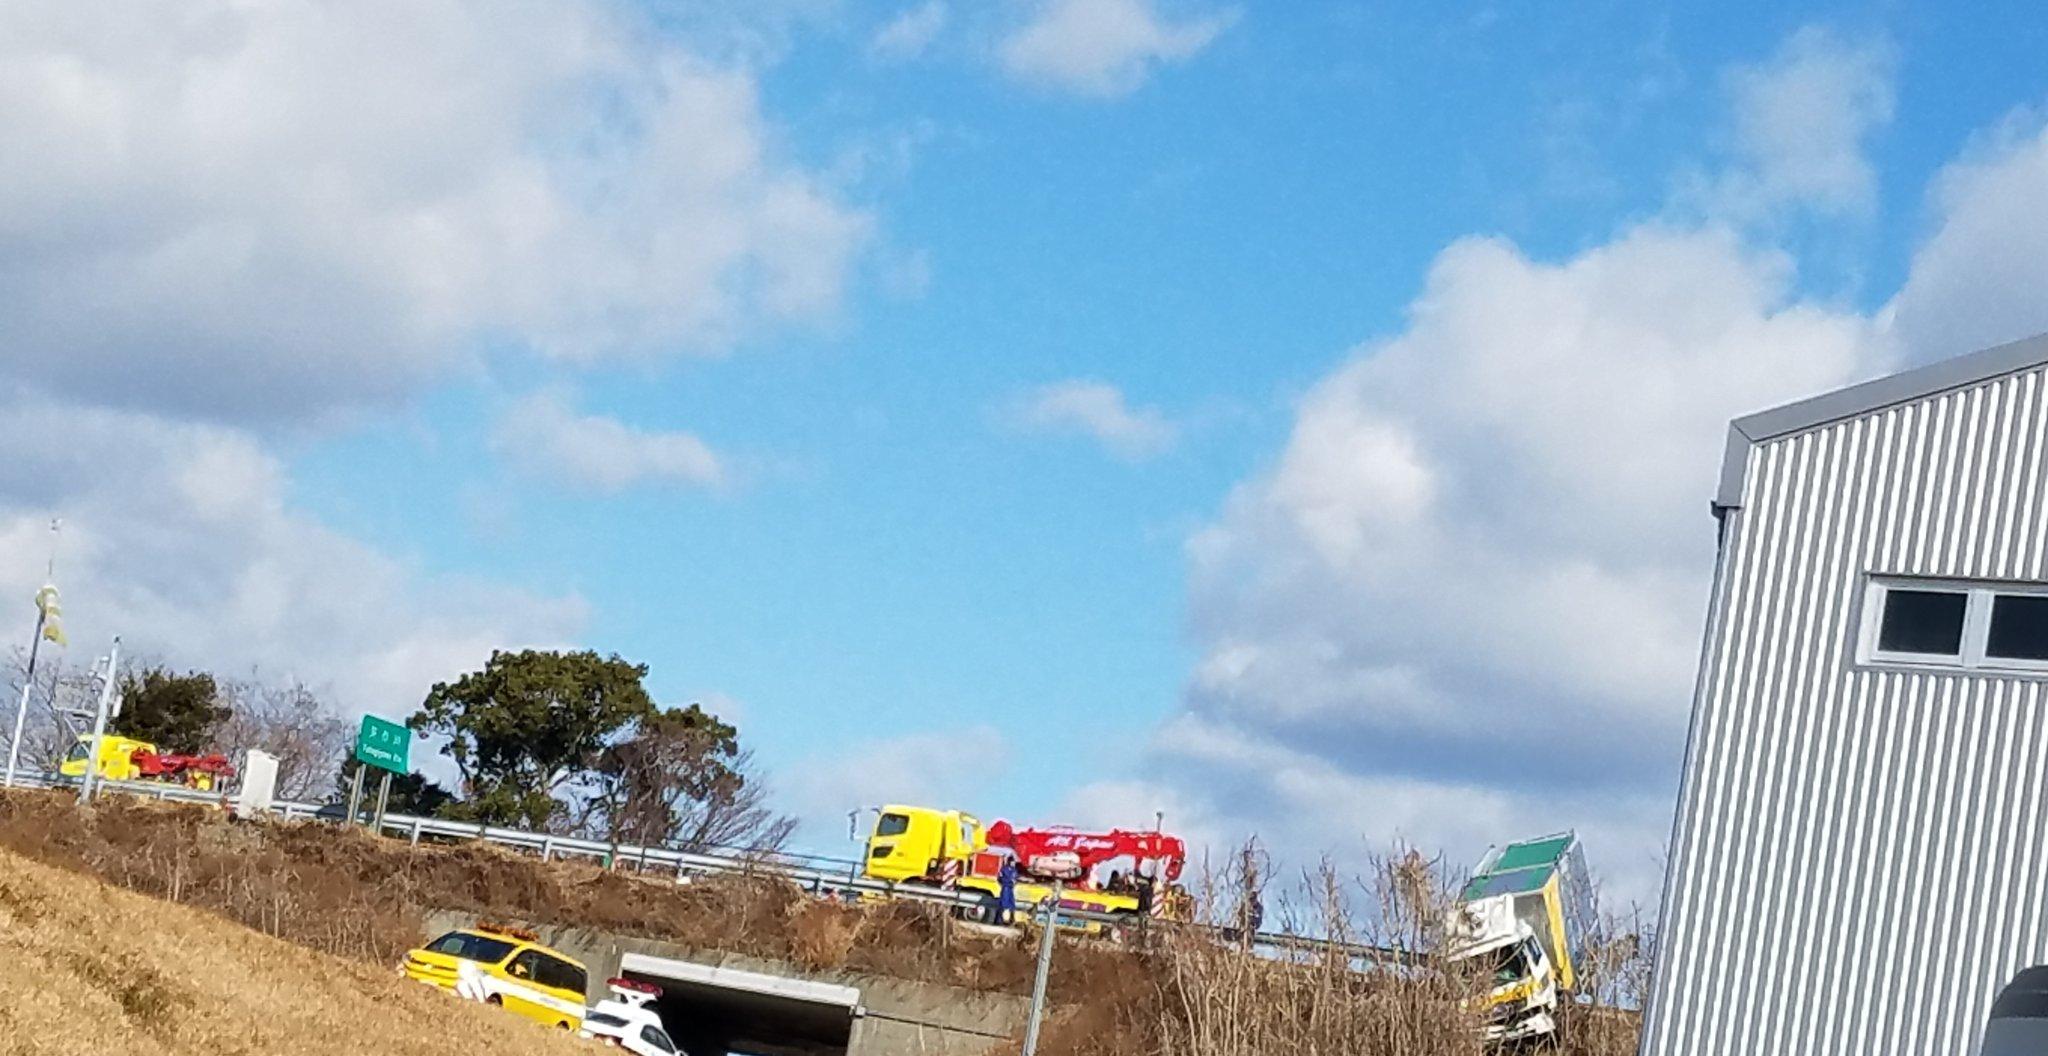 画像,高速事故現場がまさかの会社。 https://t.co/d8s6sPH829。